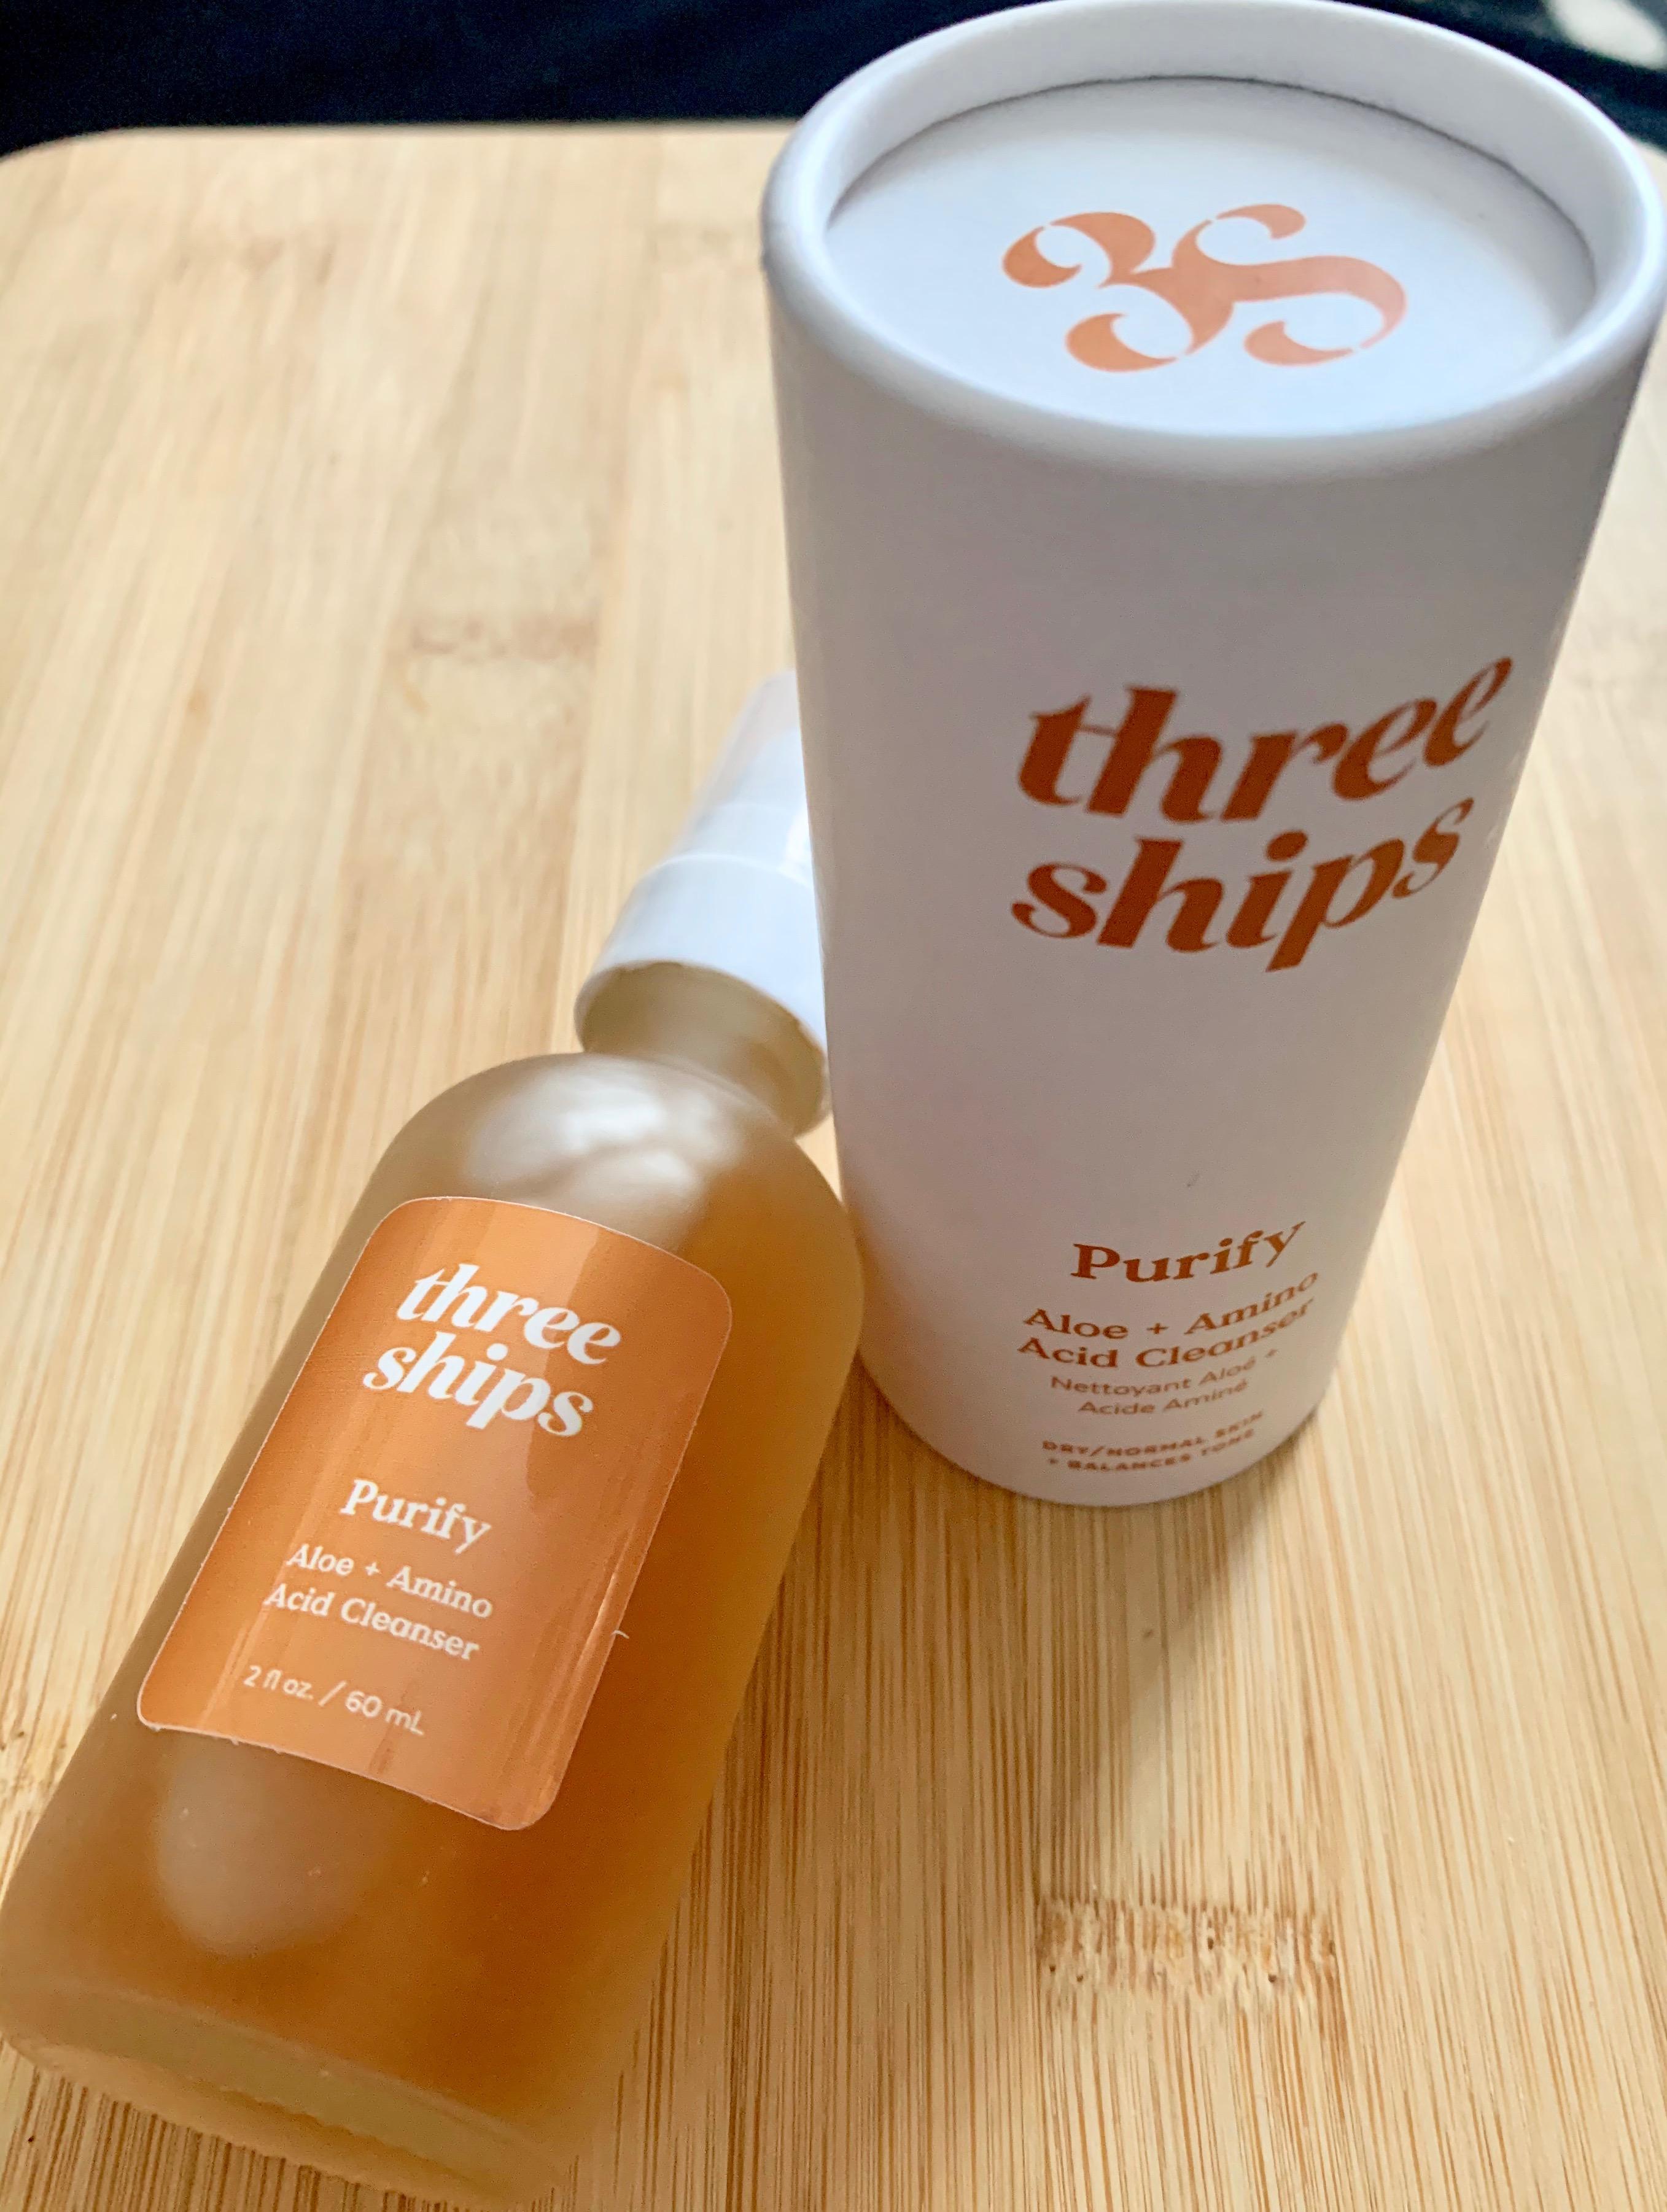 Three Ships Beauty Purify Aloe + Amino Acid Cleanser